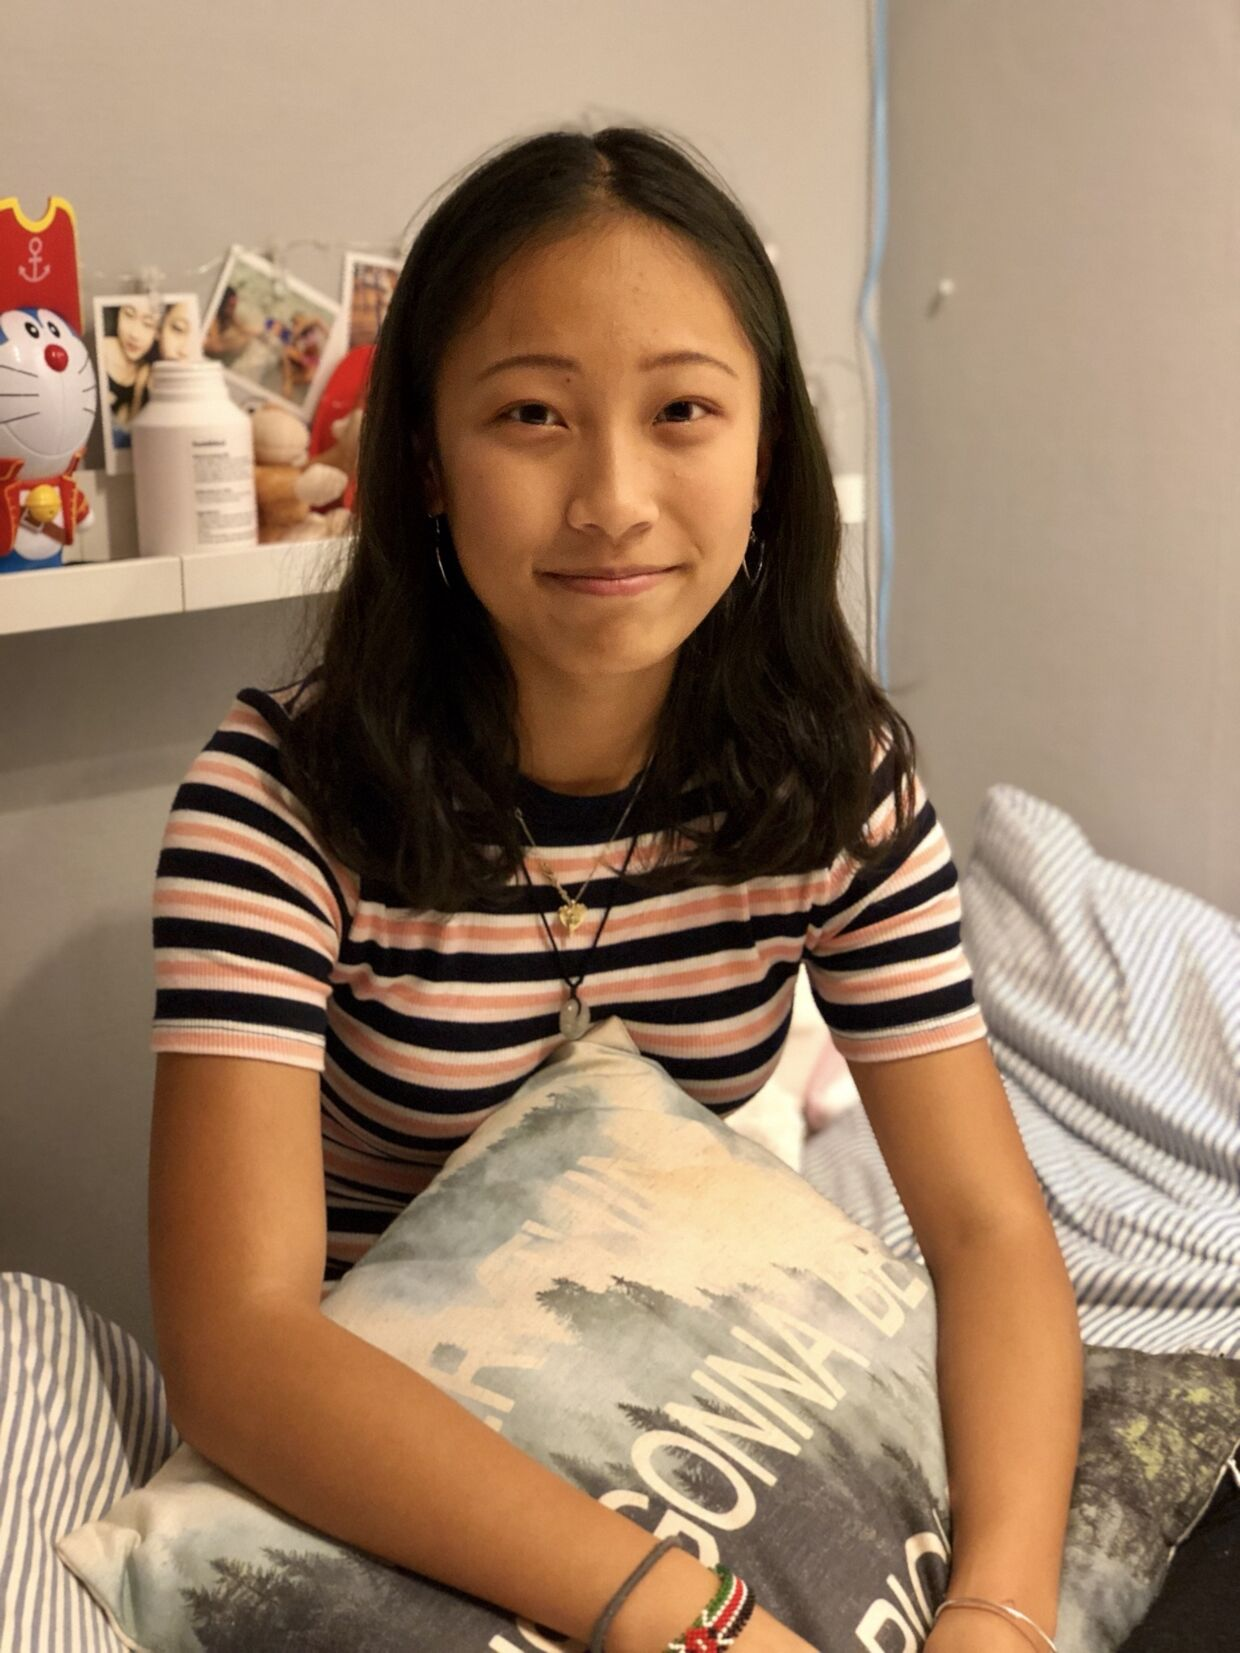 »Jeg vågnede op og råbte mor, mor,« fortæller 15-årige Yiming om at mareridt, hvor hun drømte, at hun blev sat på et fly til Kina. For hende var det heldigvis kun et mareridt.